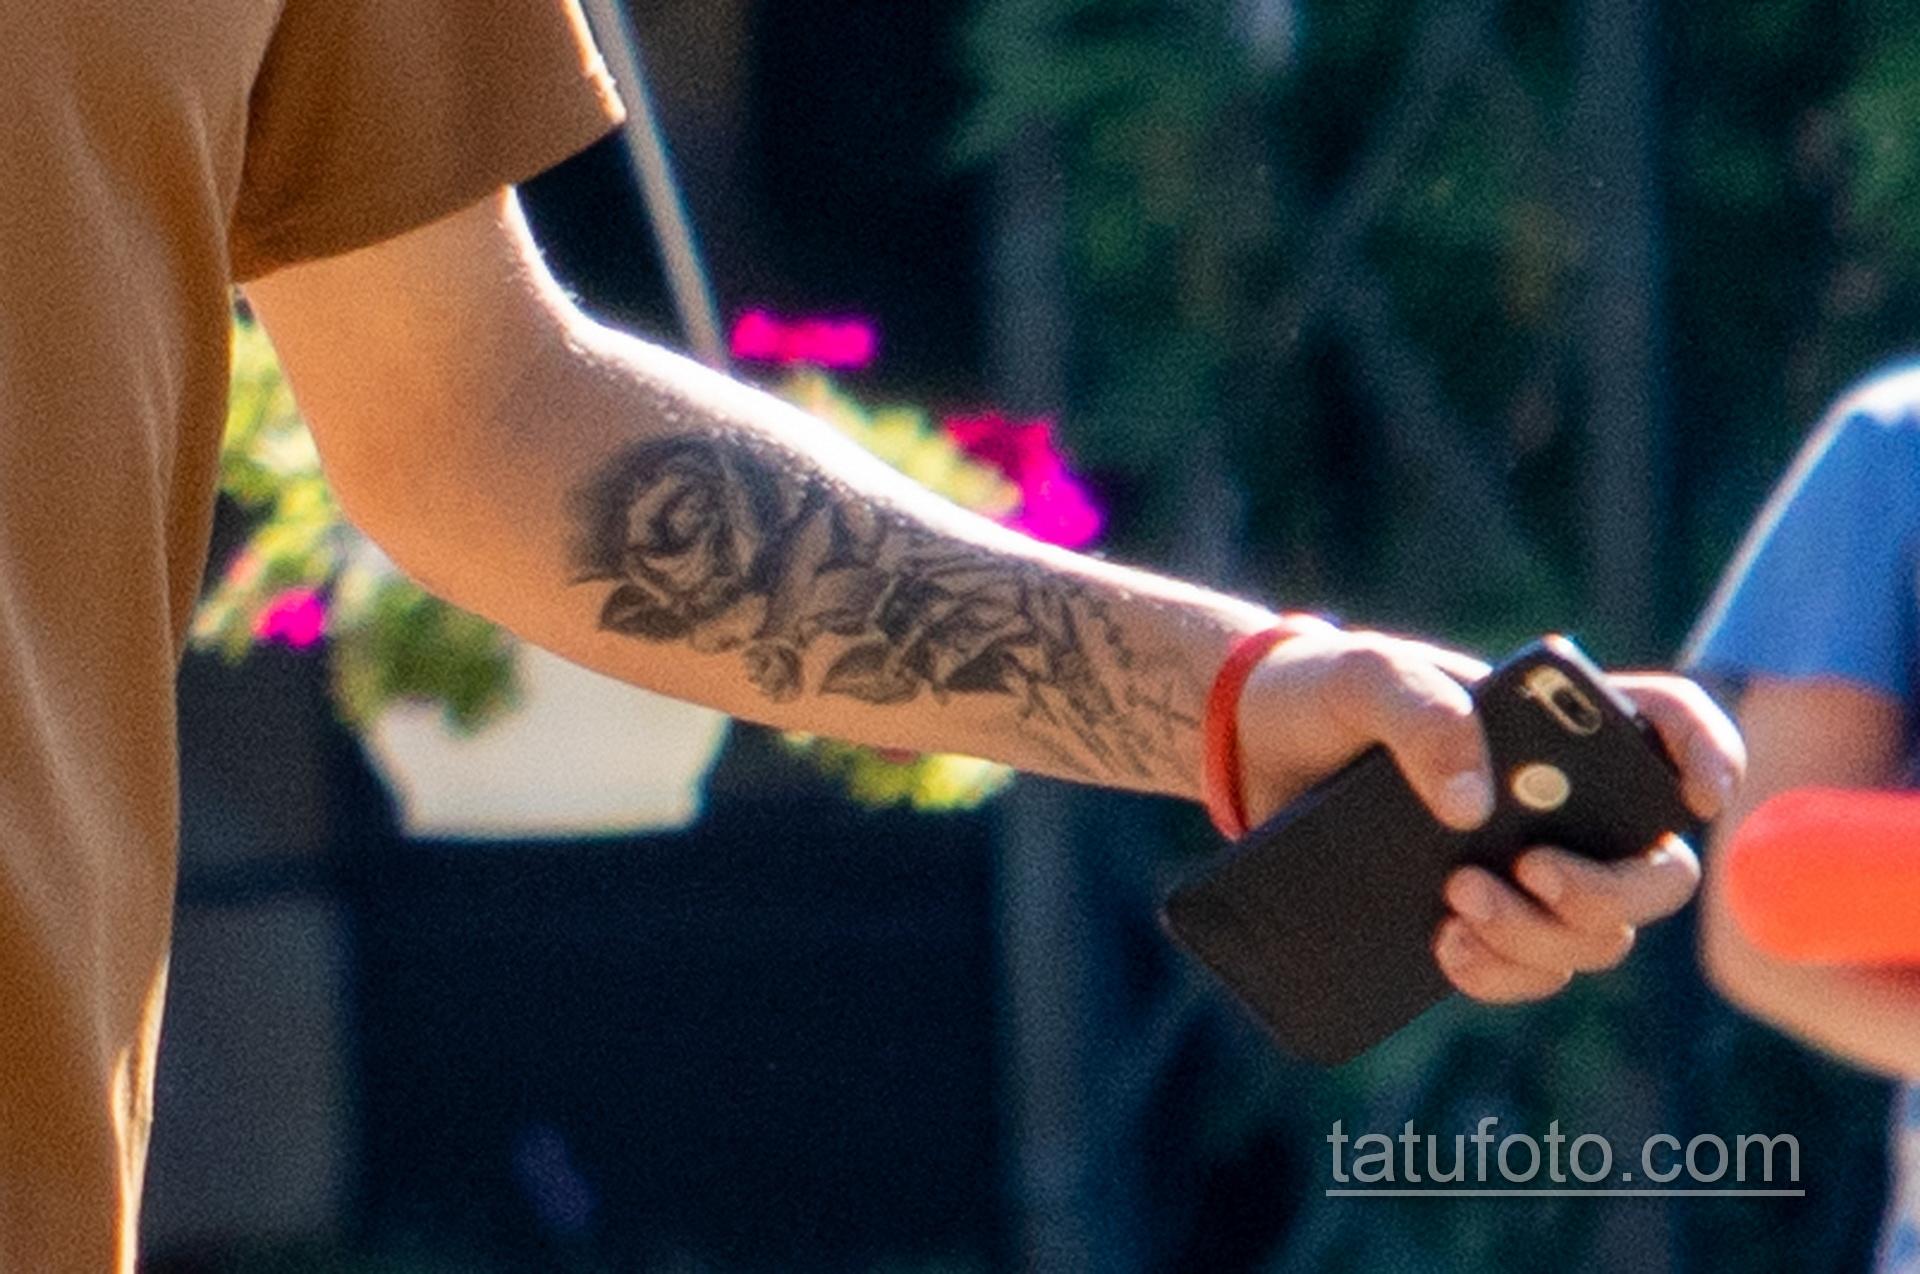 Тату с розой на руке и шее охранника в парке – Уличная татуировка 14.09.2020 – tatufoto.com 4